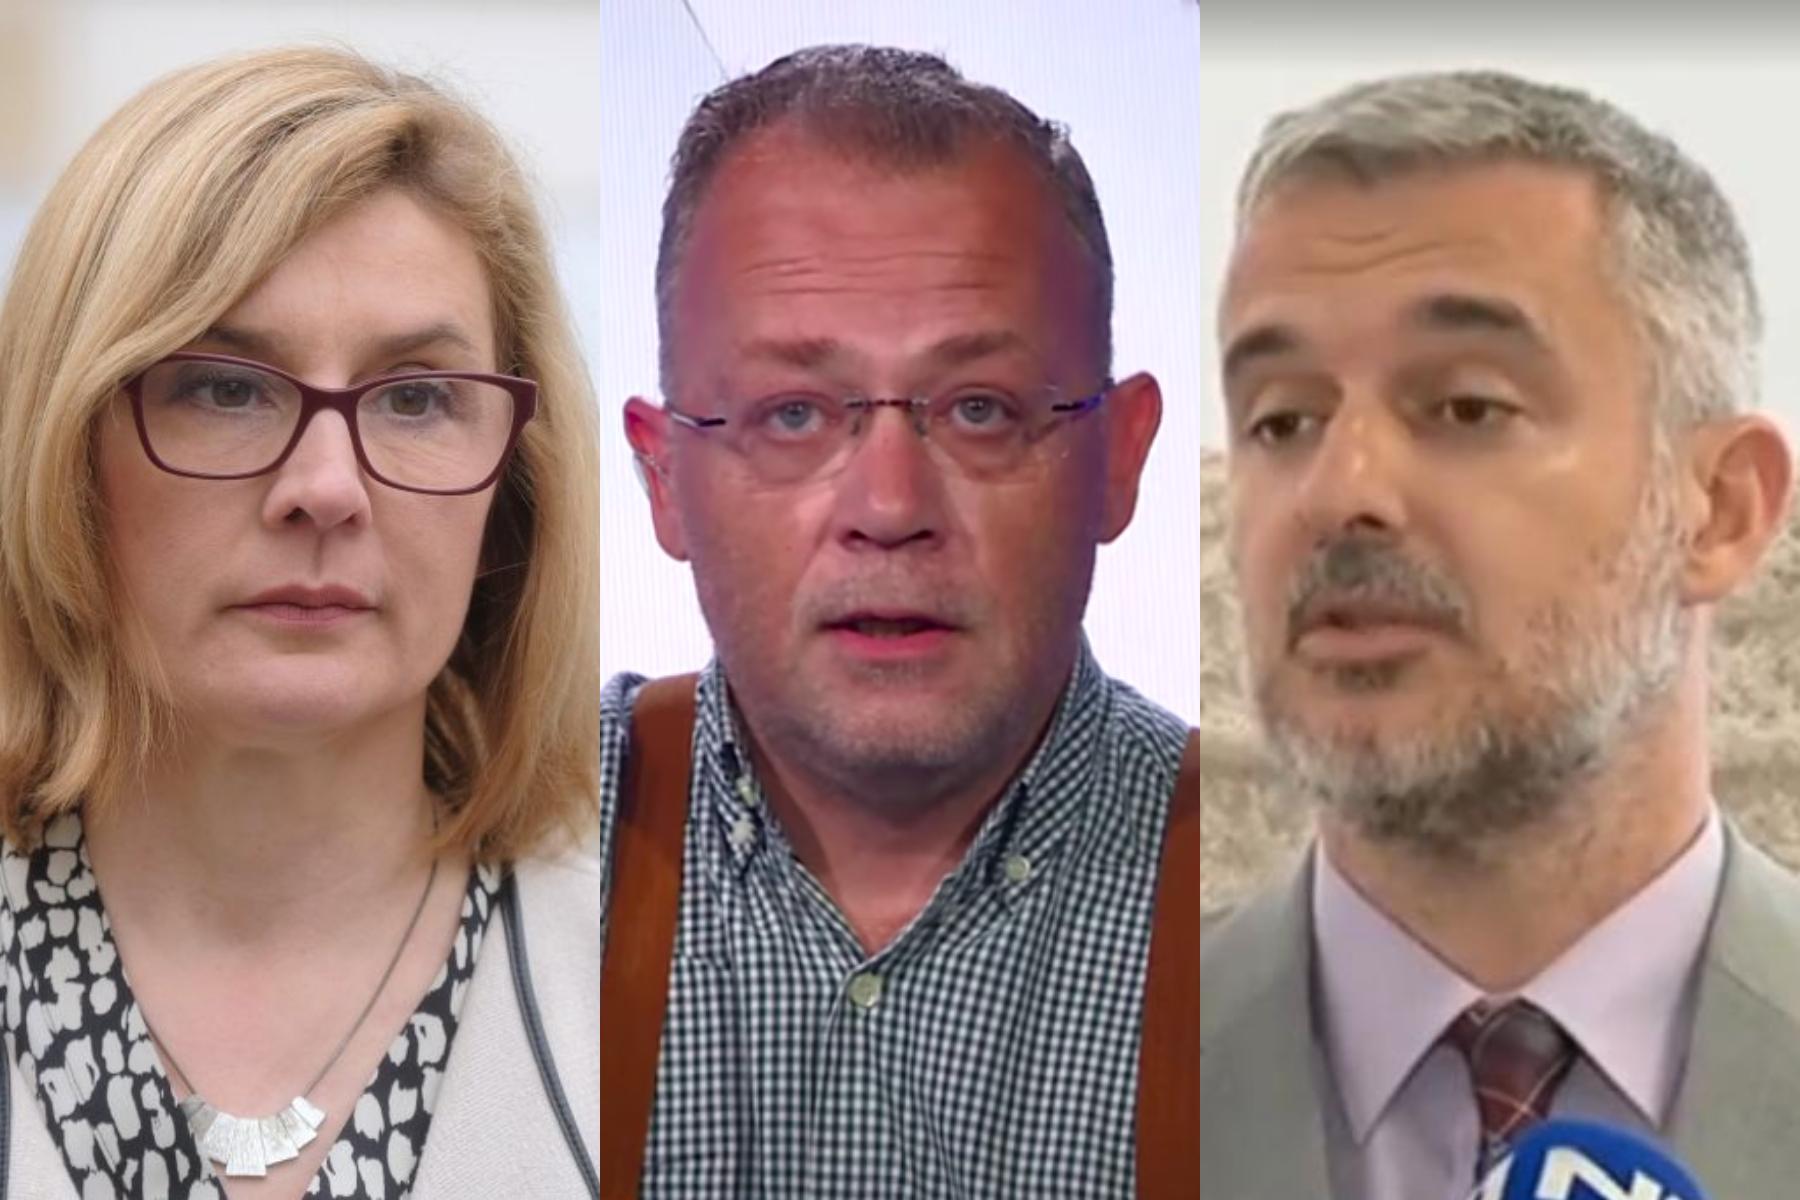 Pregled tjedna: Kanački o Zakonu o referendumu, Hasanbegović o VEM-u, Raspudić o cenzuri i rodnoj ideologiji